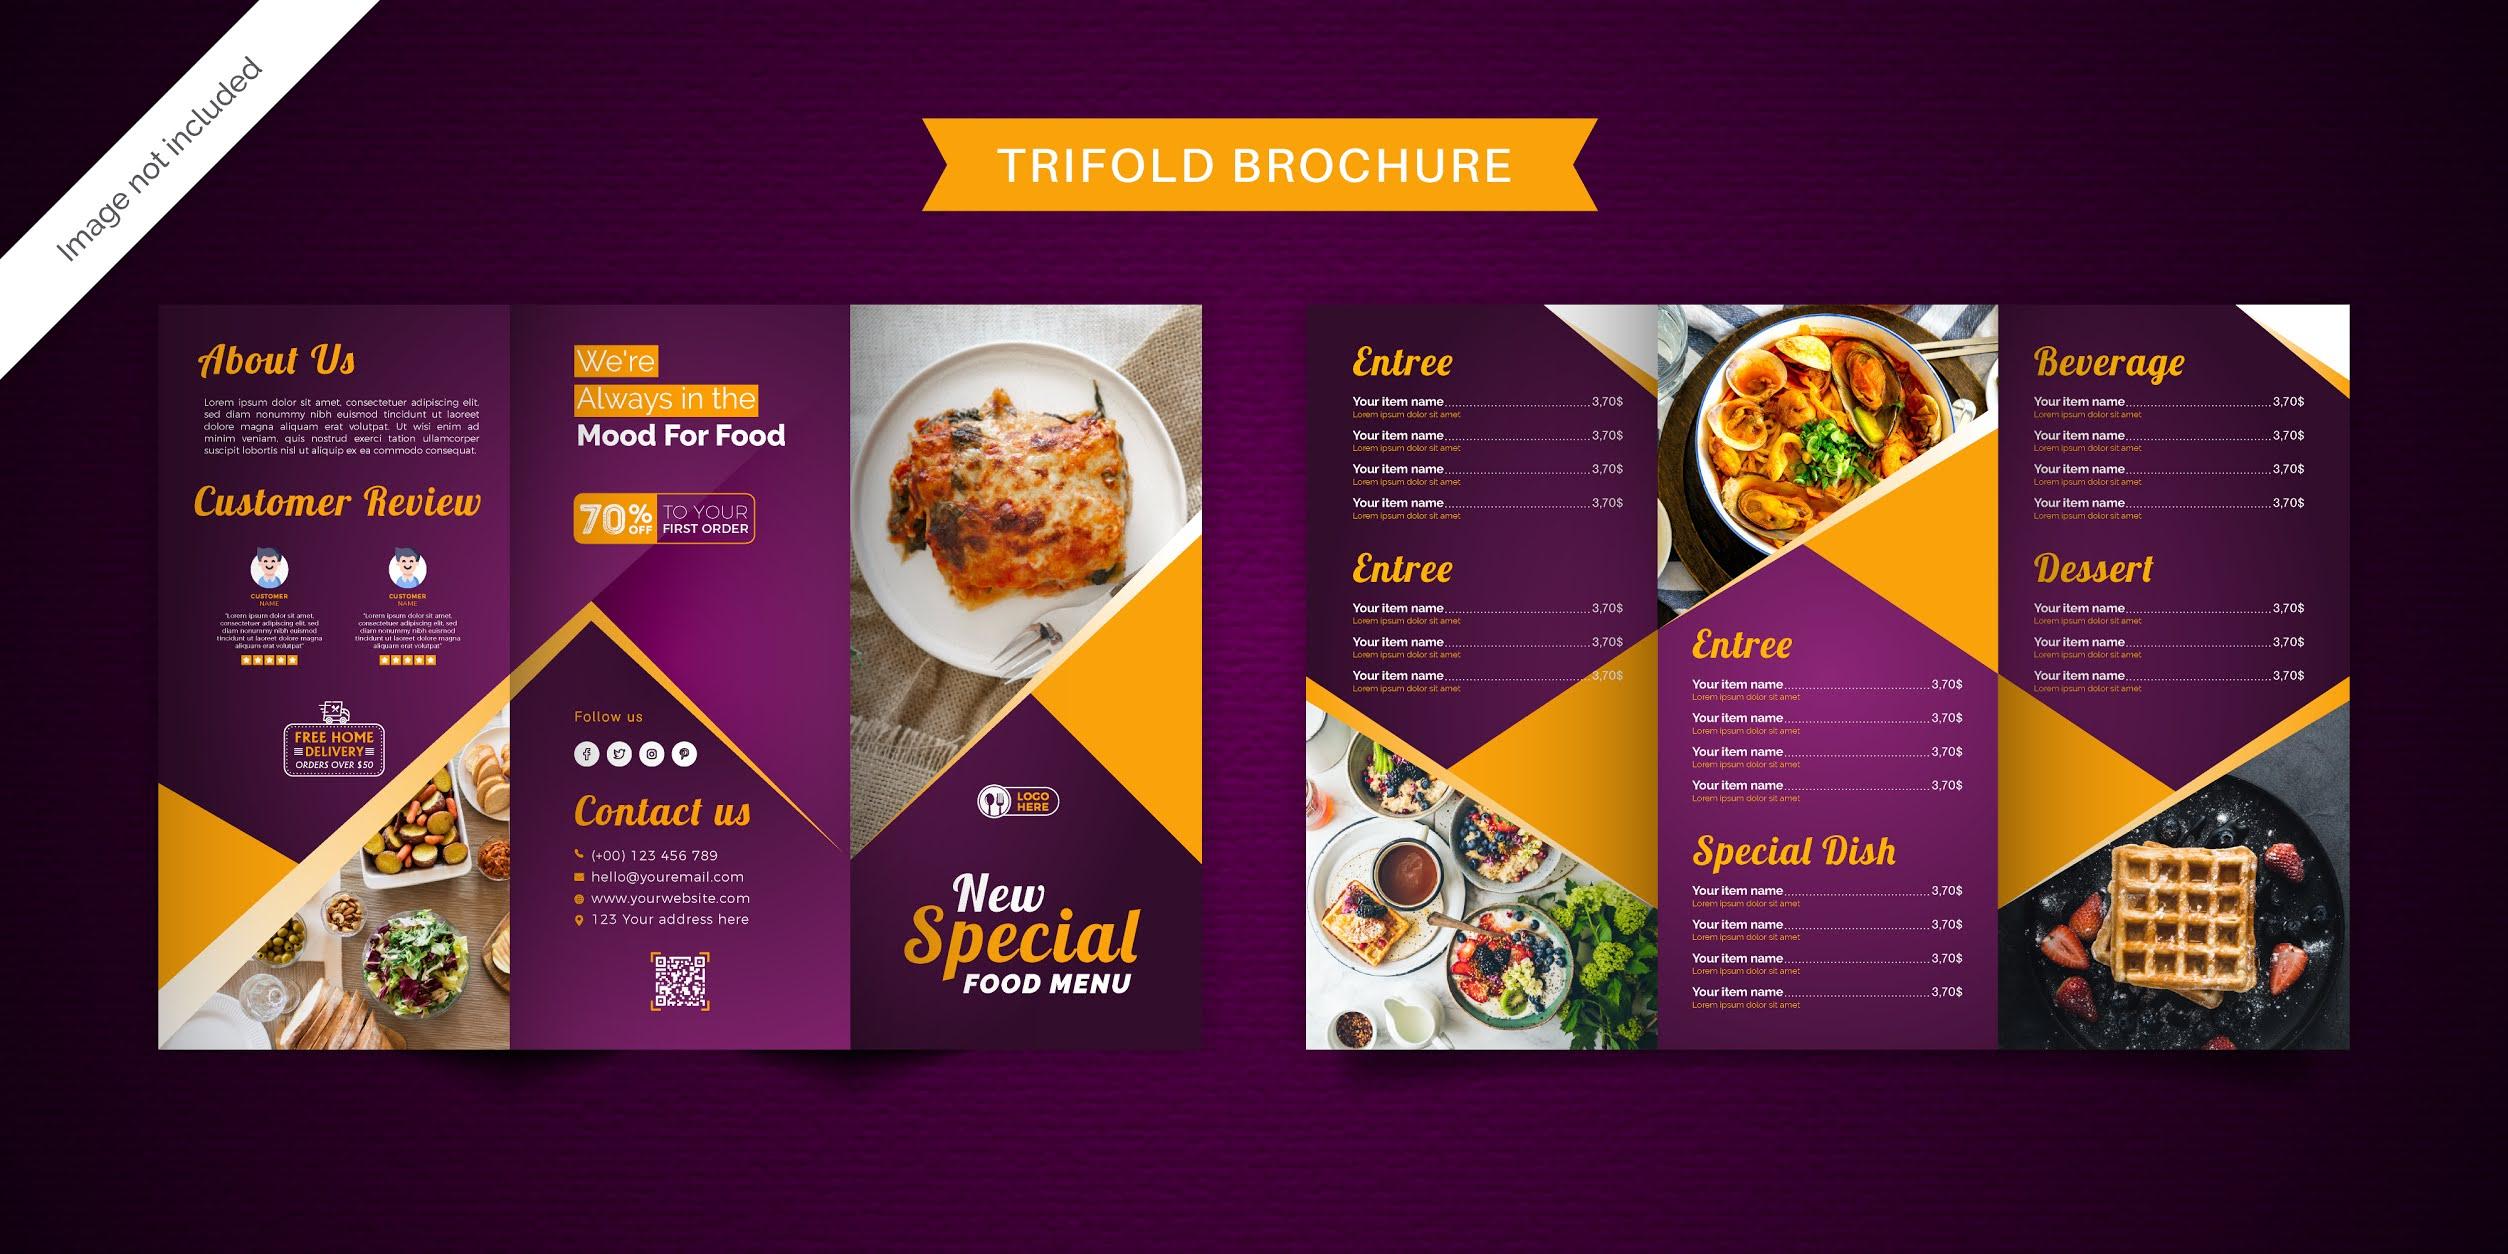 تحميل بروشور طعام مجانا 7 تصميمات احترافية مجموعة 1 بصيغة فيكتور ويمكنك تحويلها فيكتور